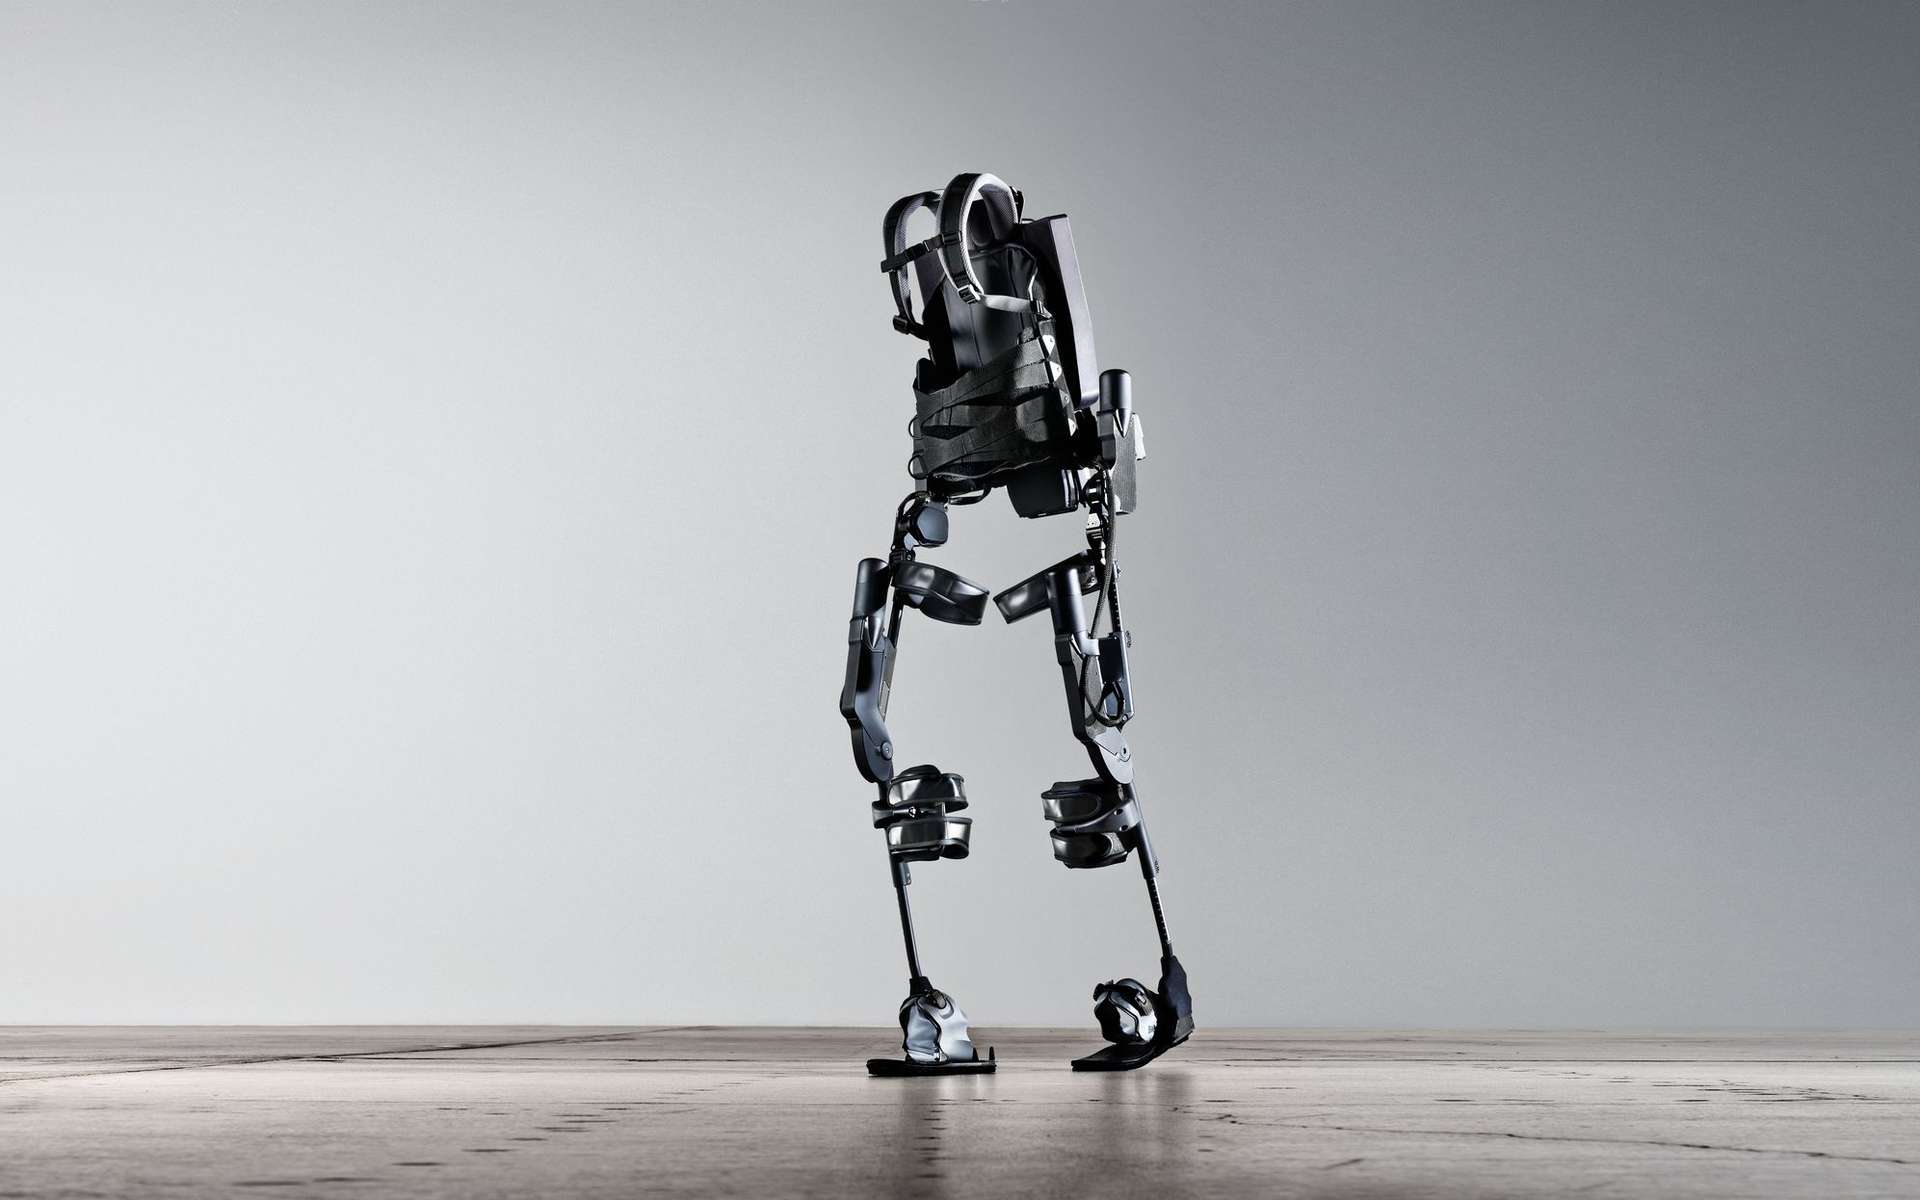 Les exosquelettes actuels sont des prodiges de technologie mais pas d'ergonomie… L'invention des chercheurs de l'université d'Hiroshima (Japon) ouvre des perspectives prometteuses. © Ekso Bionics Ekso, Flickr, CC by-nd 2.0